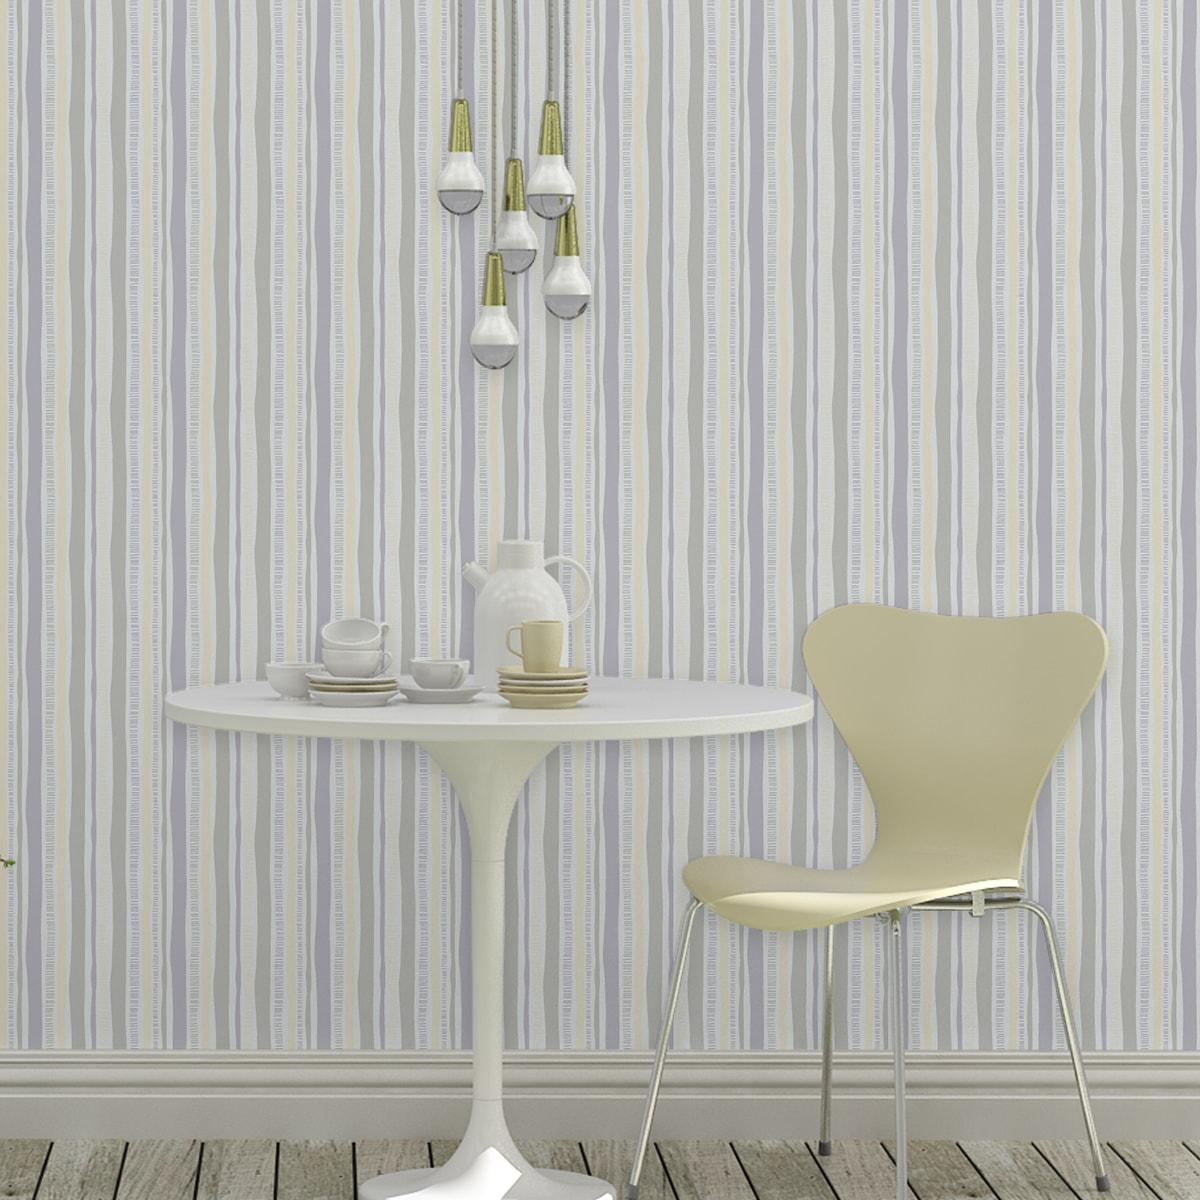 Wandtapete grau: Tapete lockere Streifen grafisch modern in pastell grau, Streifentapete als Wandgestaltung